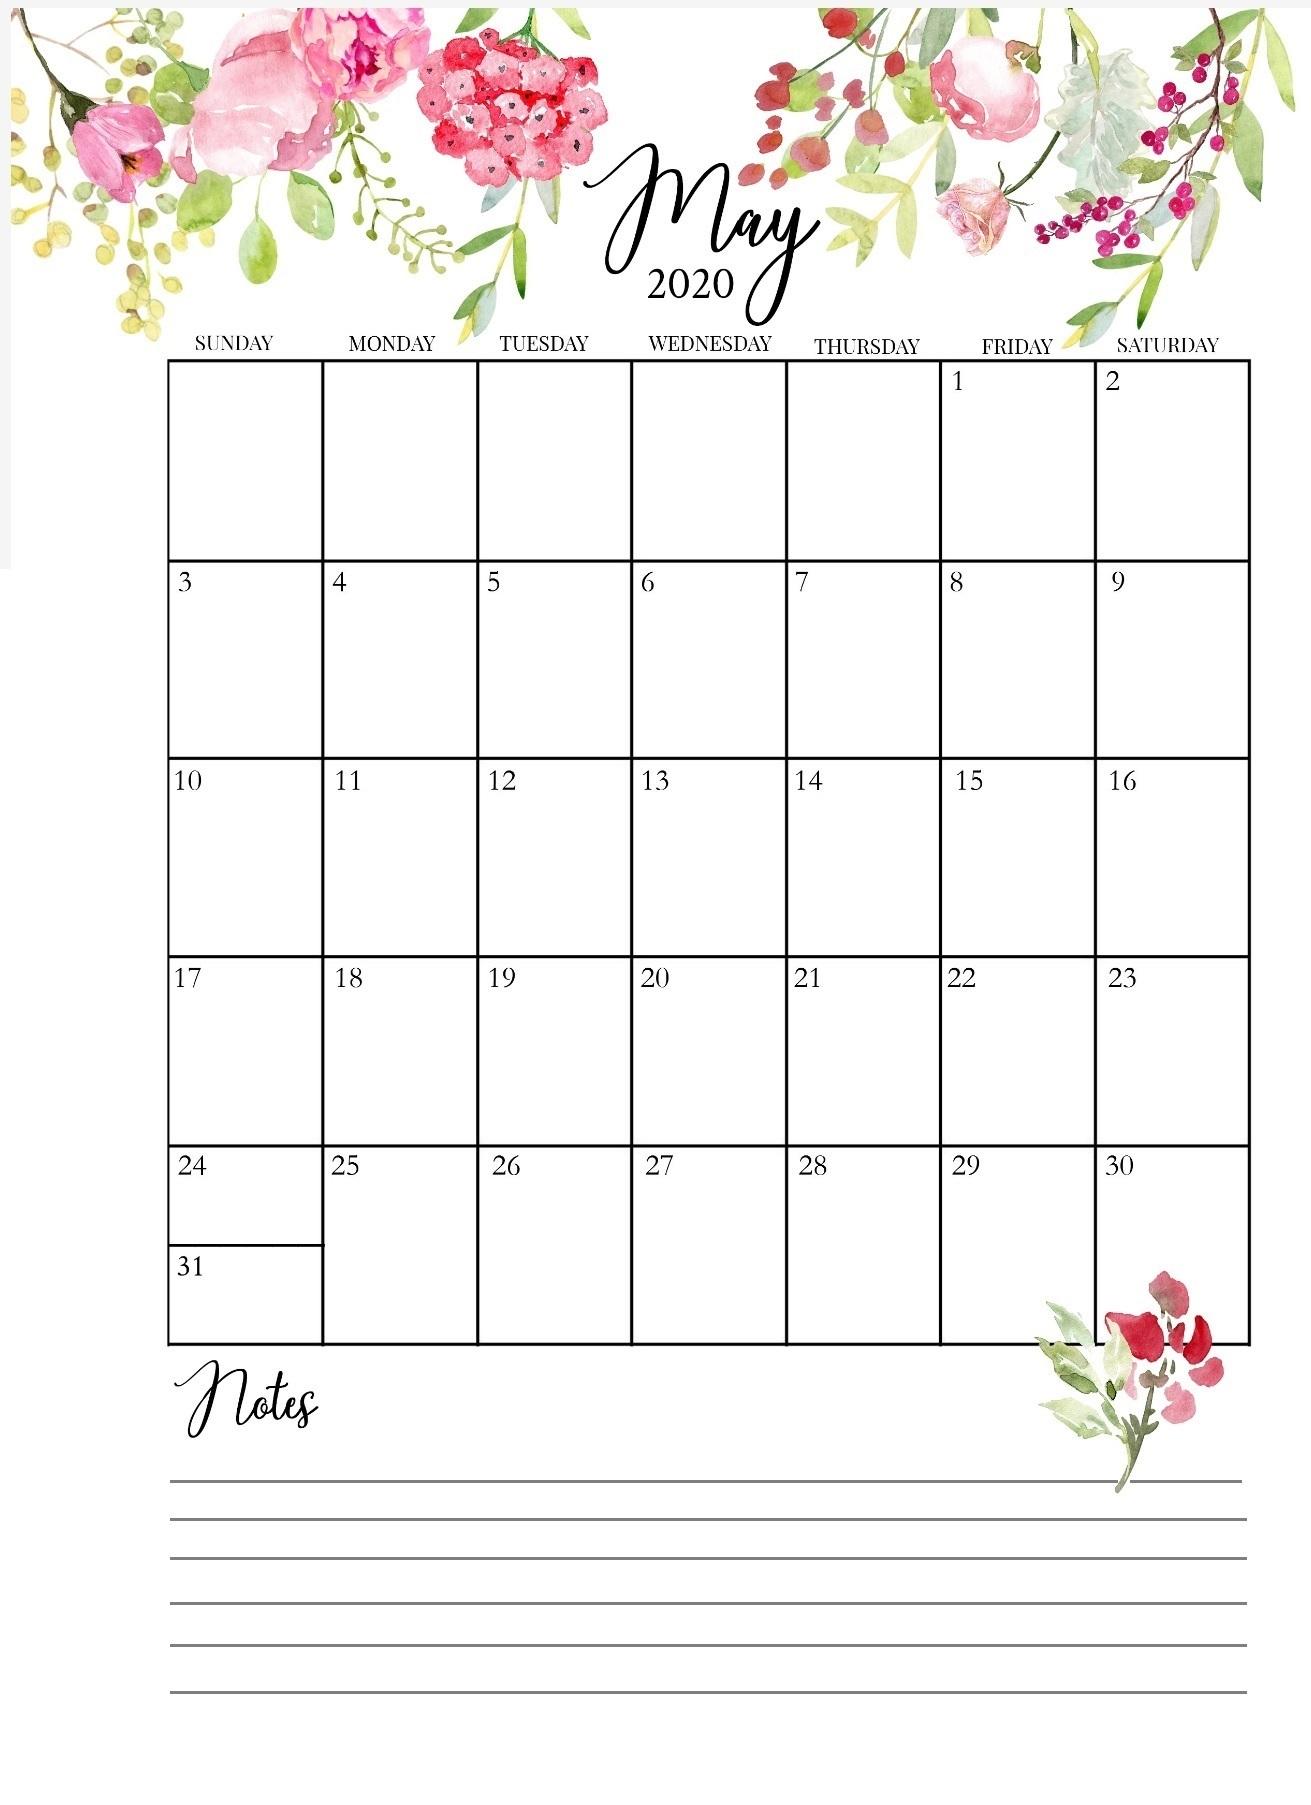 Free May 2020 Wall Calendar